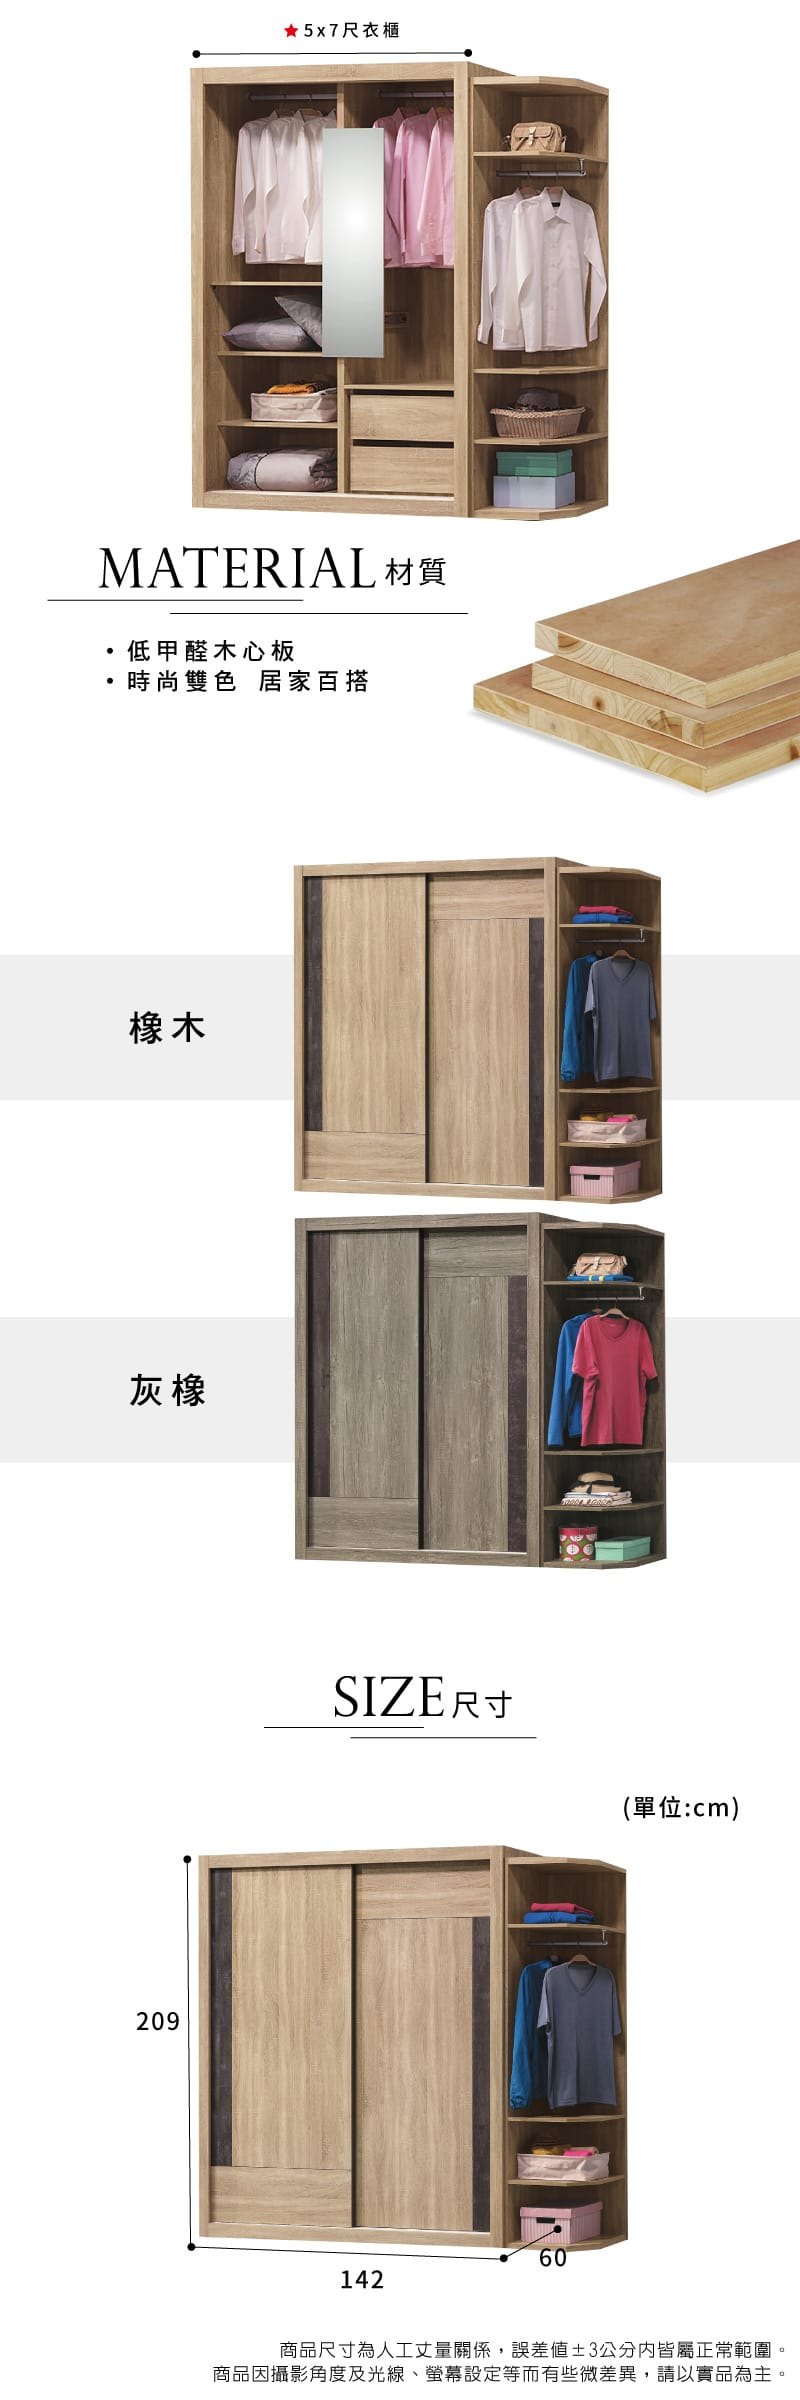 滑門收納置物衣櫃 寬142cm【瓦勒】